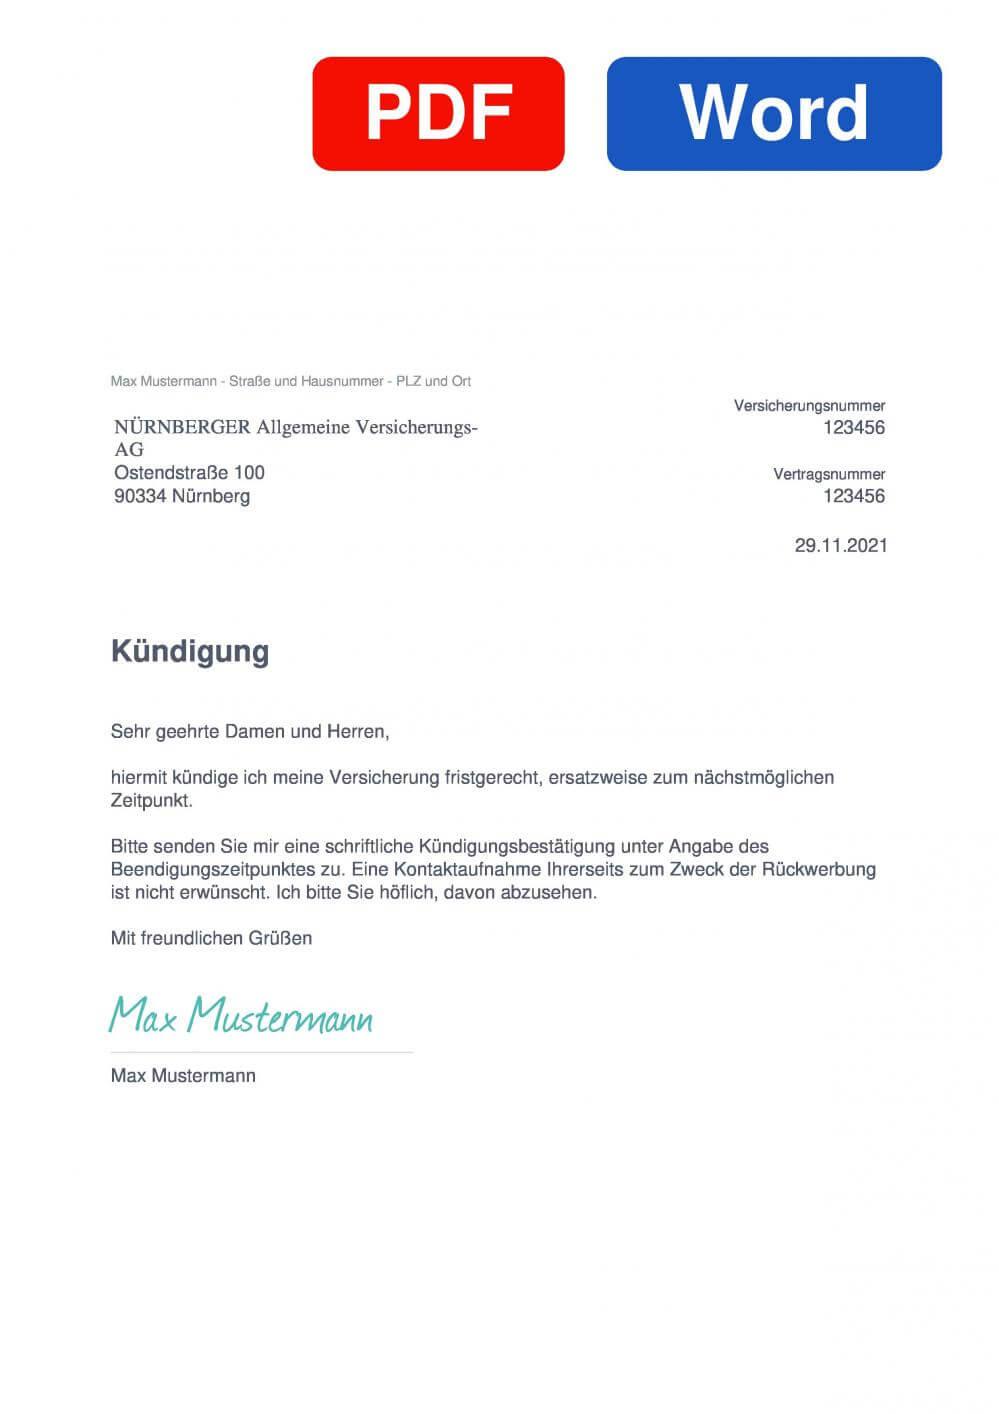 NÜRNBERGER Brillenversicherung Muster Vorlage für Kündigungsschreiben